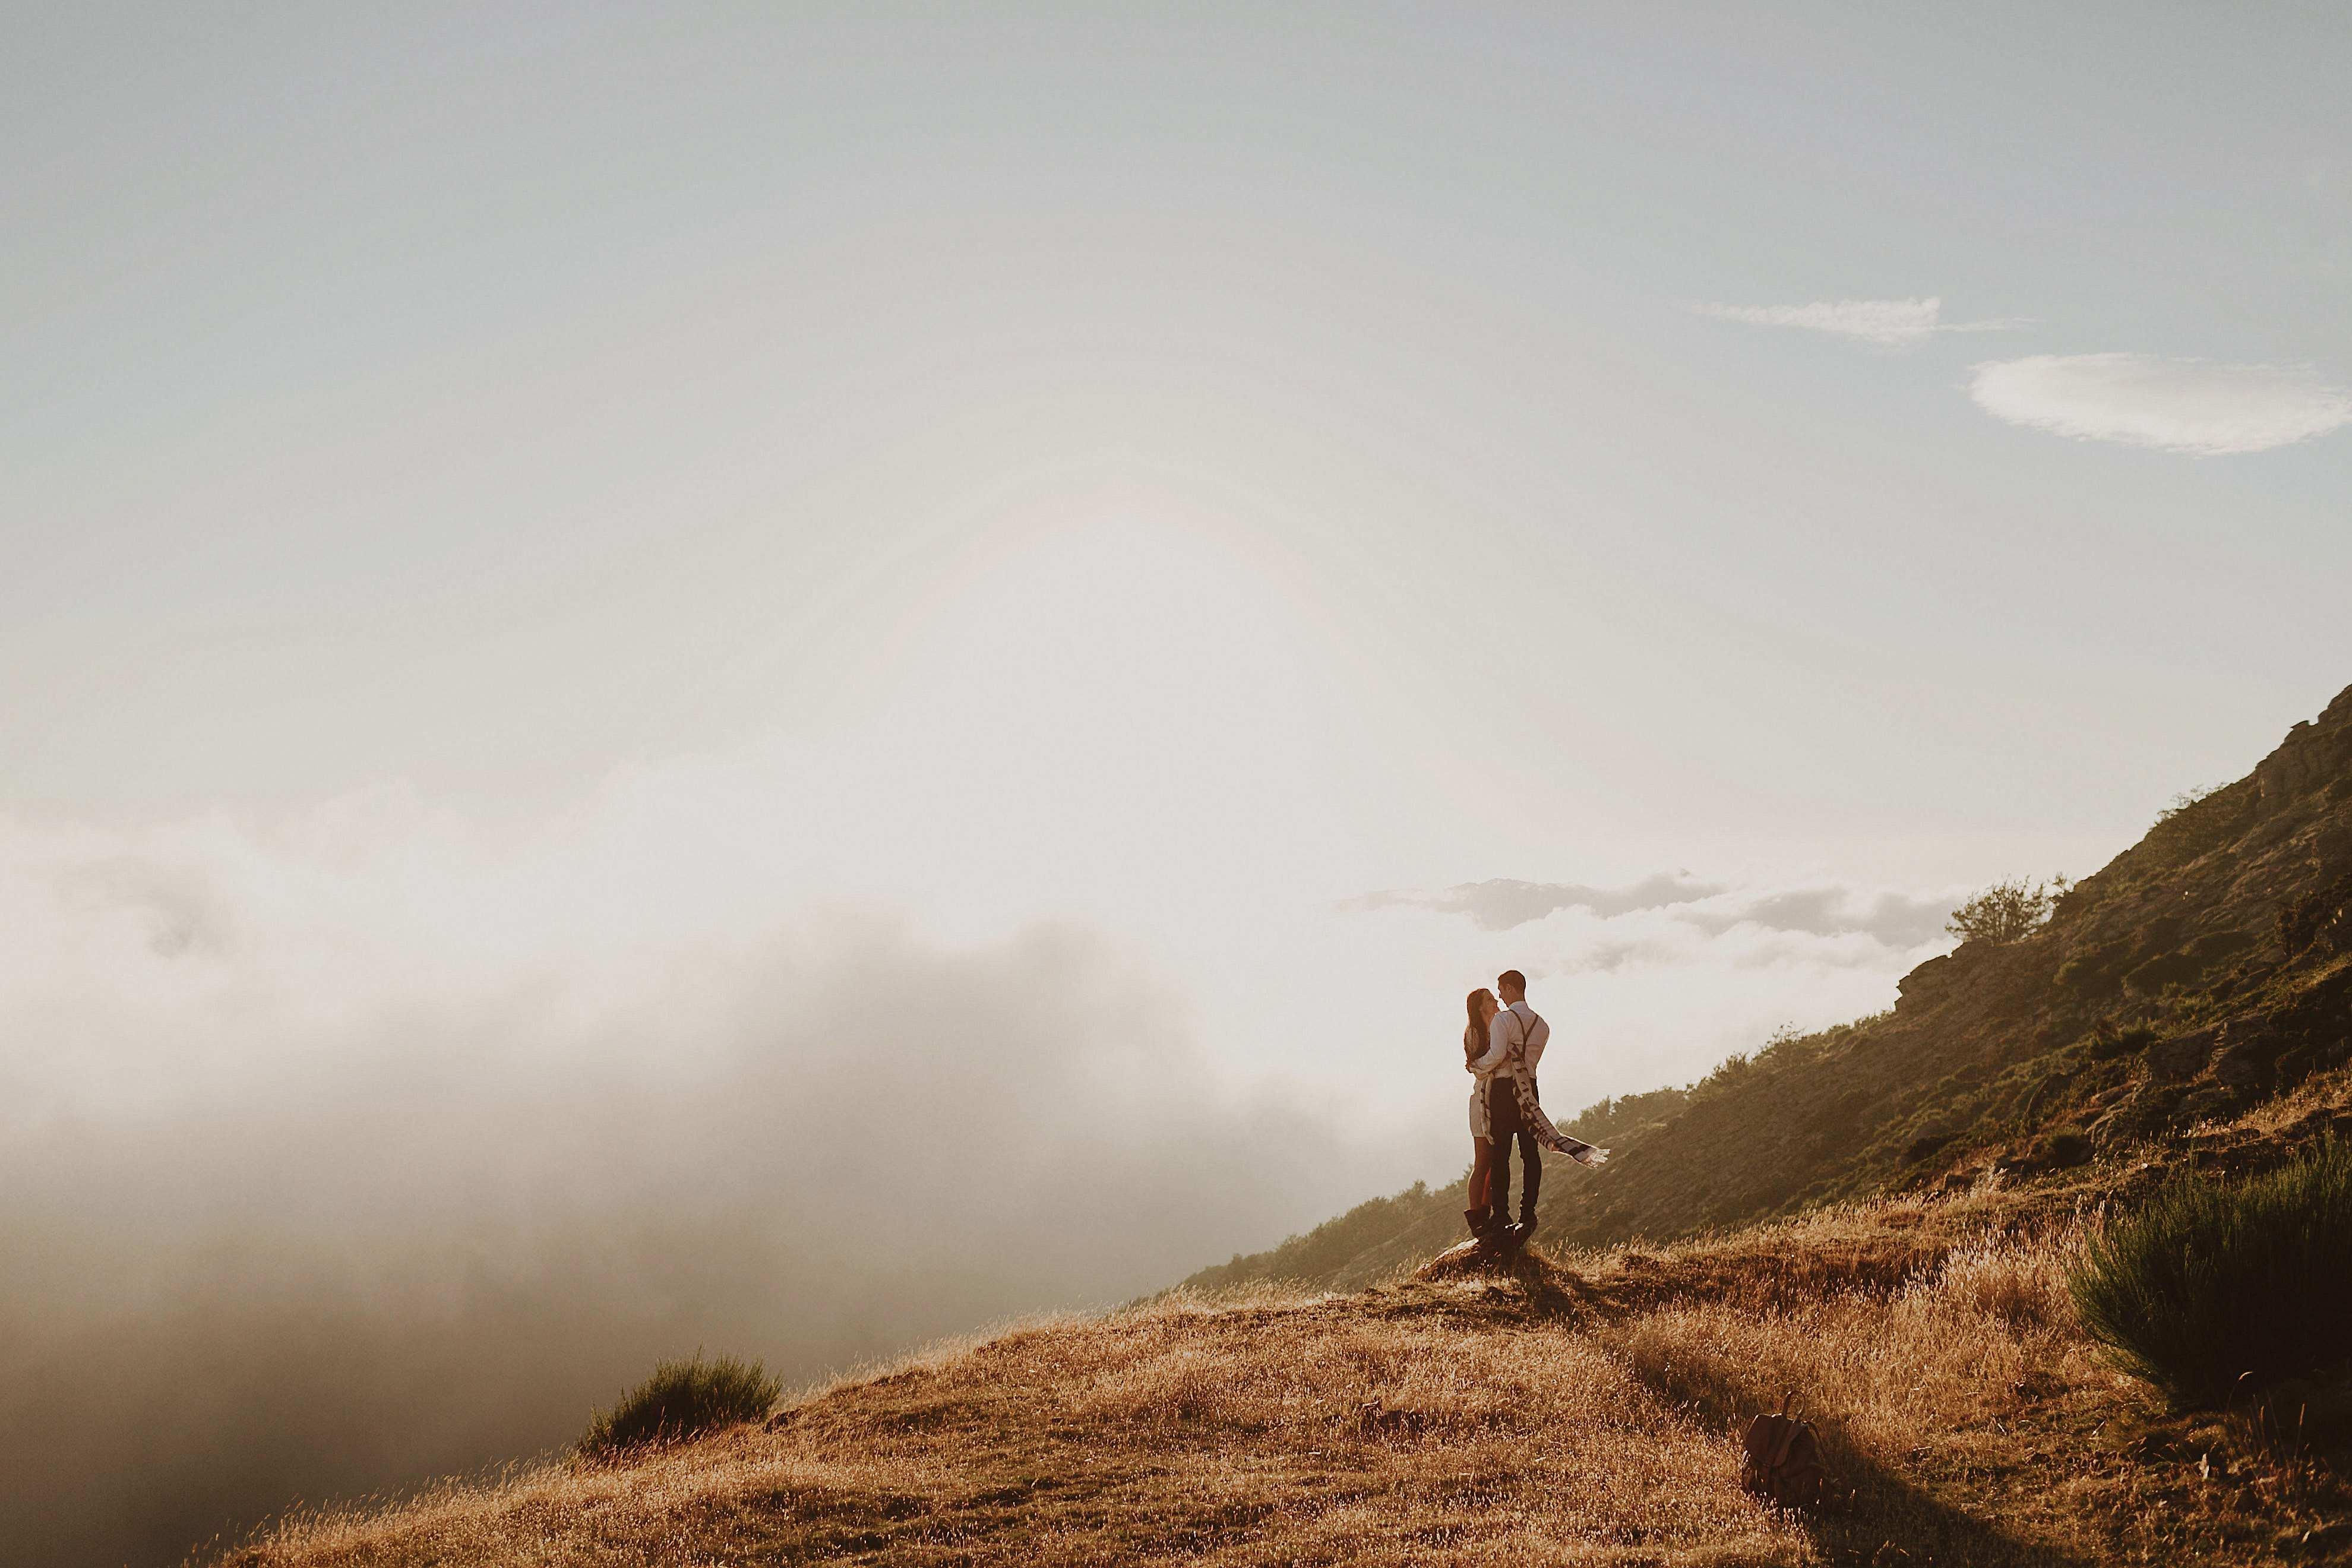 Preboda en la montaña. fotografo de bodas barcelona.bodas girona_113